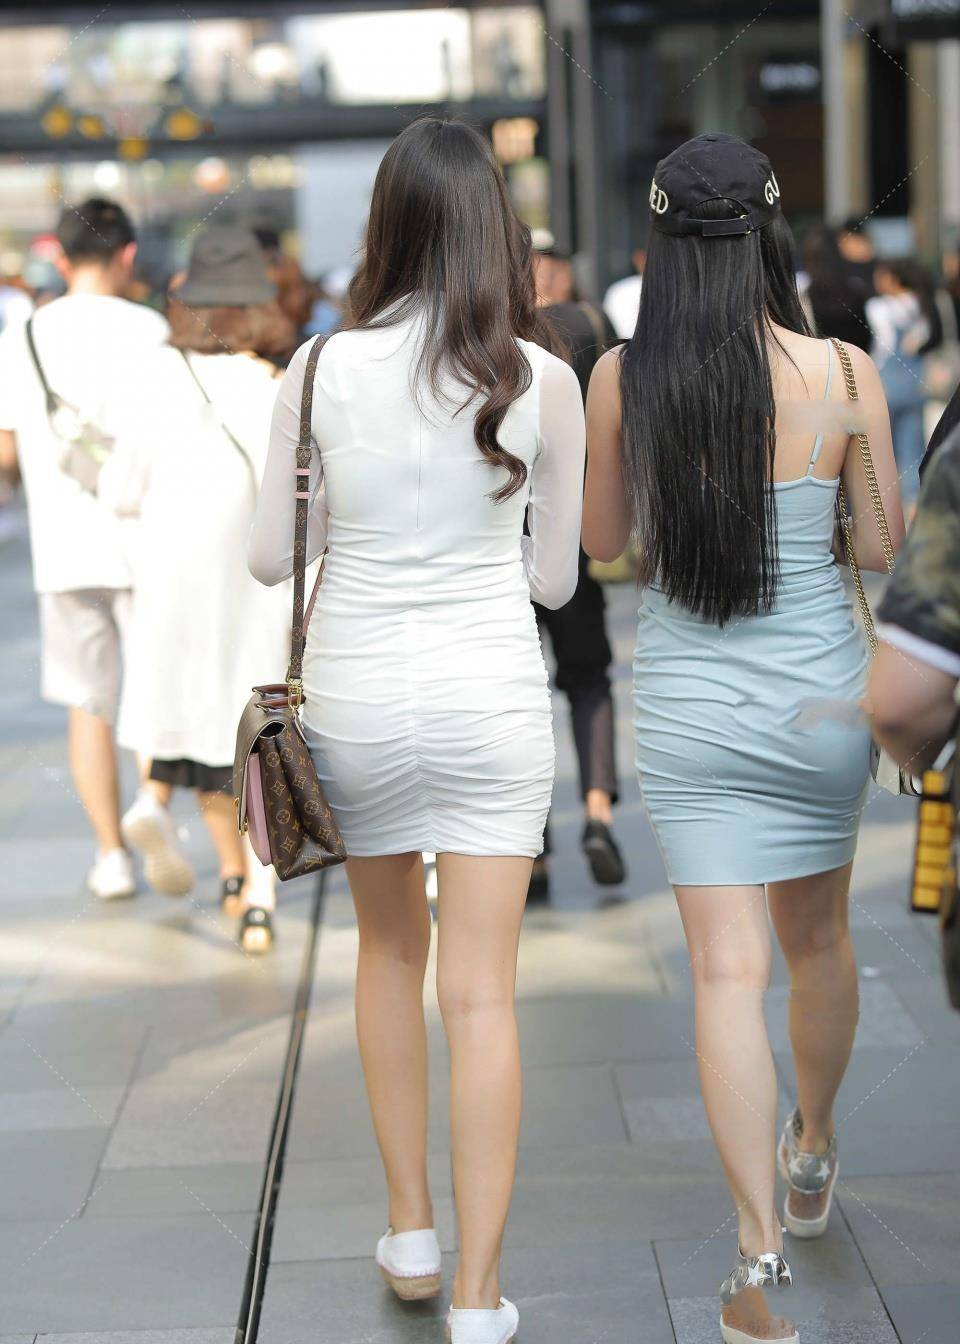 原创绿色吊带连衣裙的穿搭非常的亮眼,美女这双大白腿好看